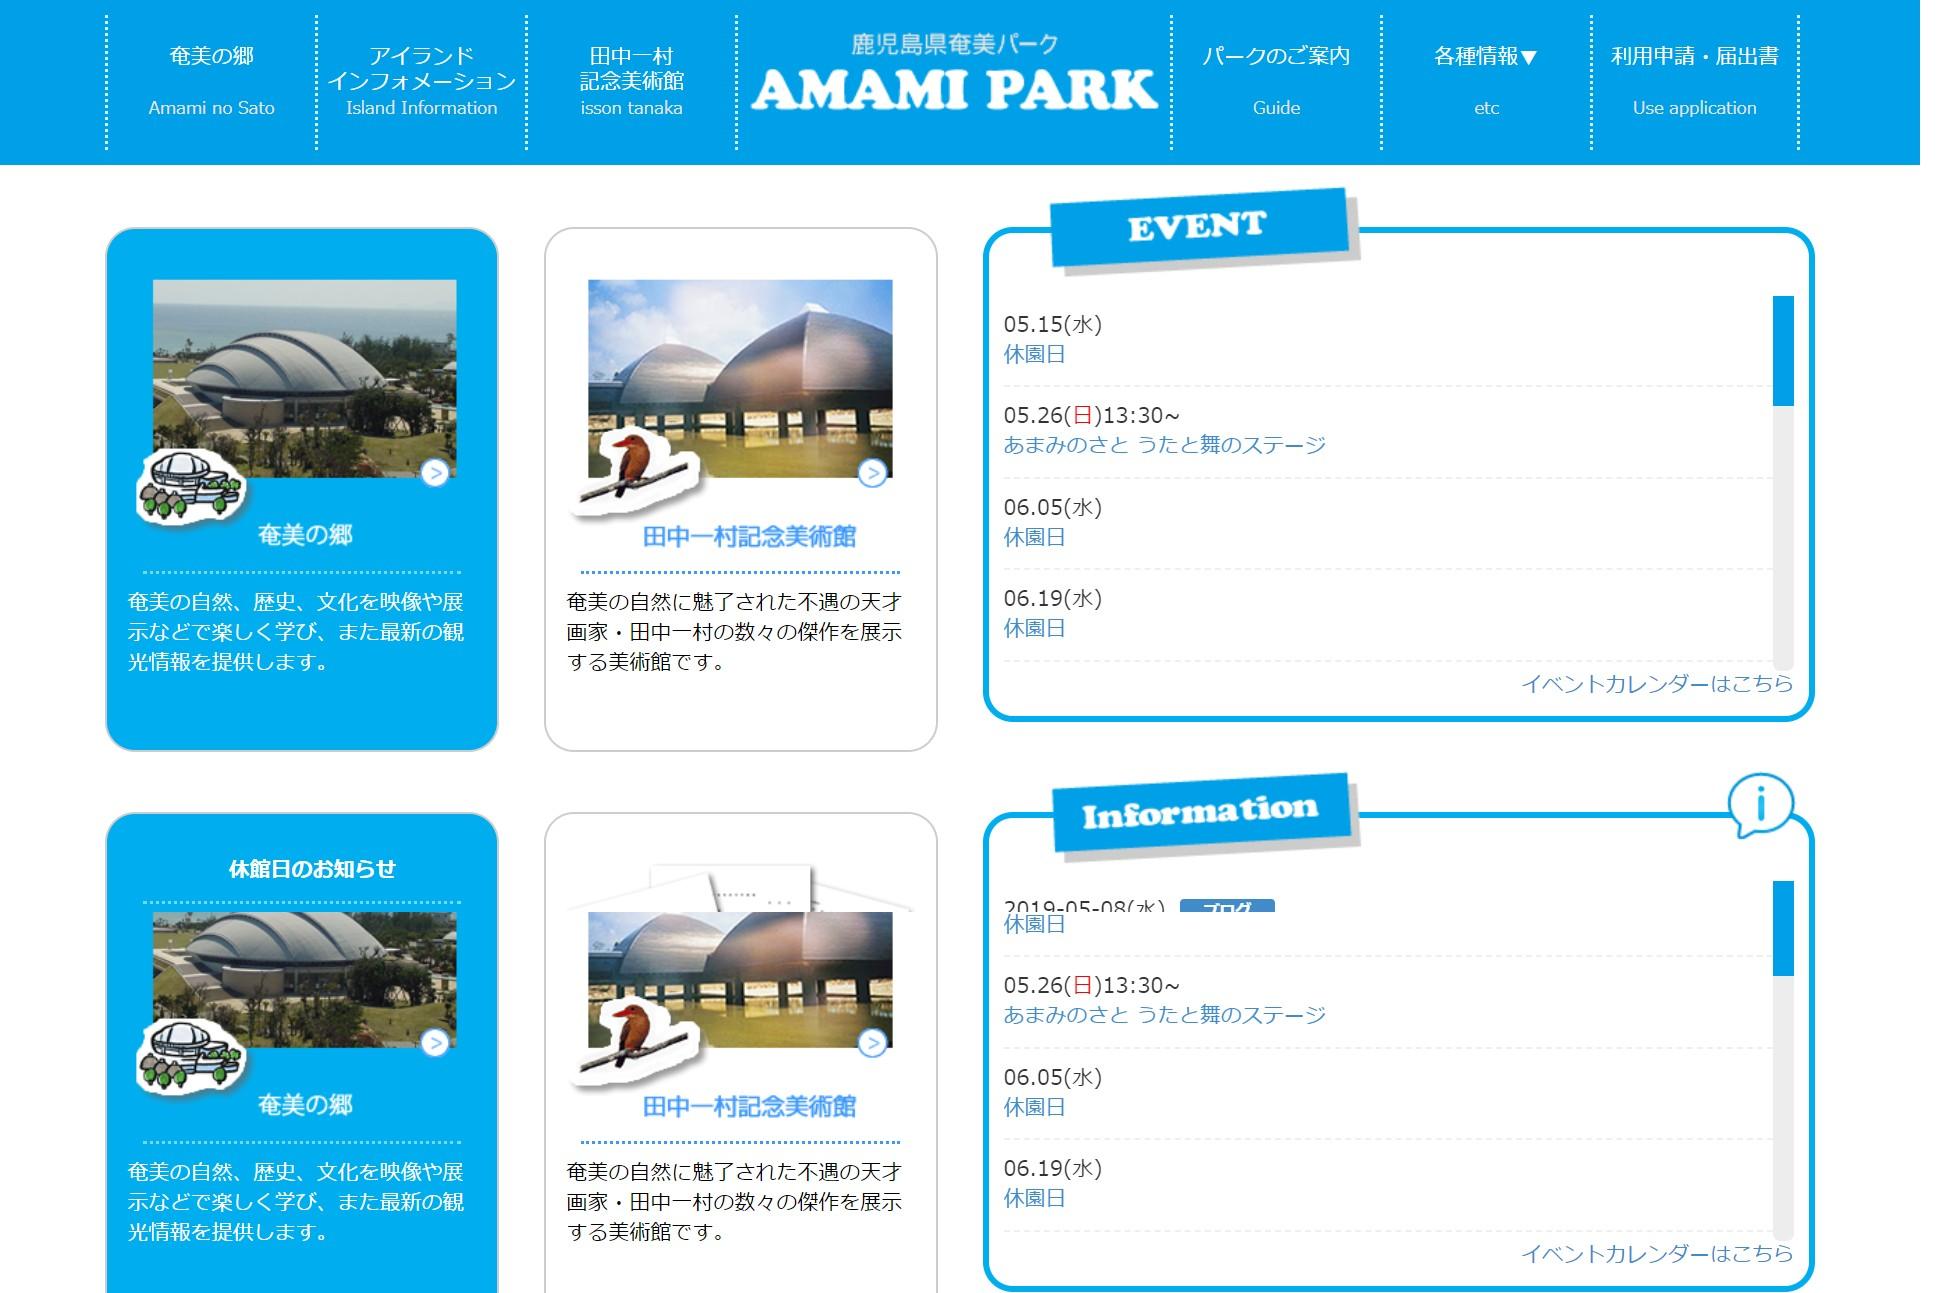 奄美パーク公式サイト